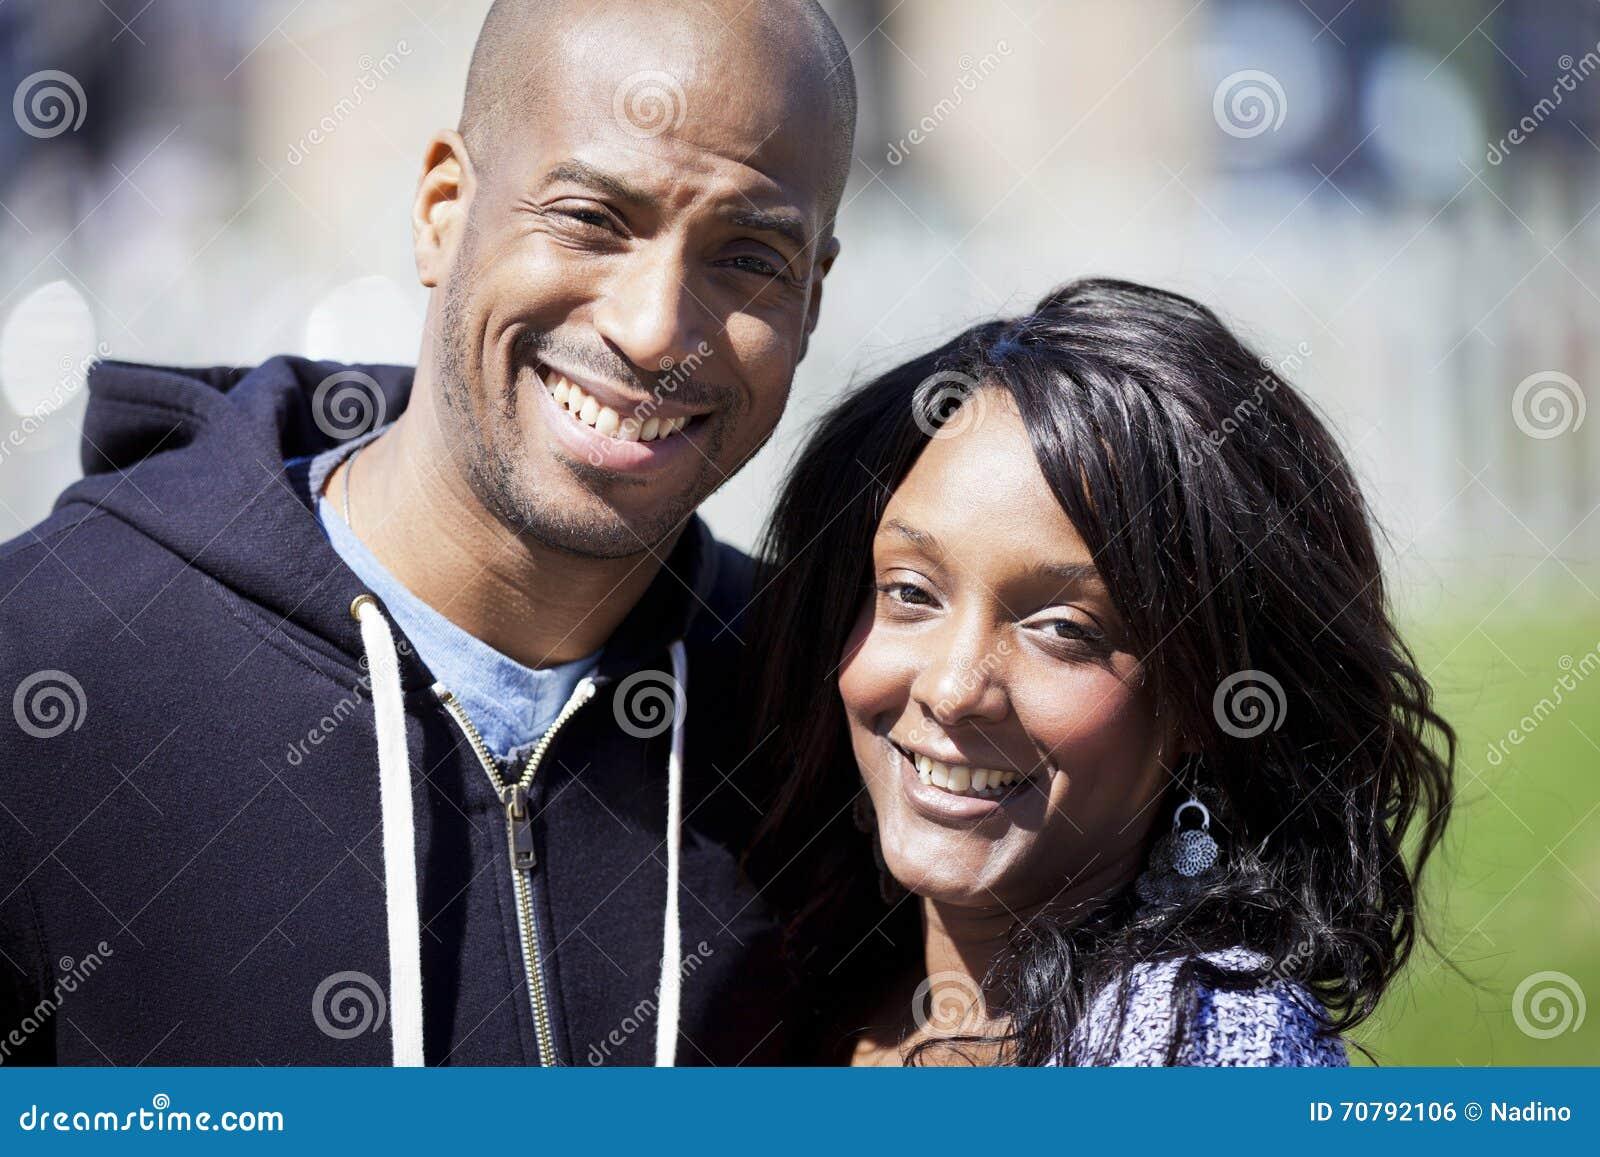 Adult black mature